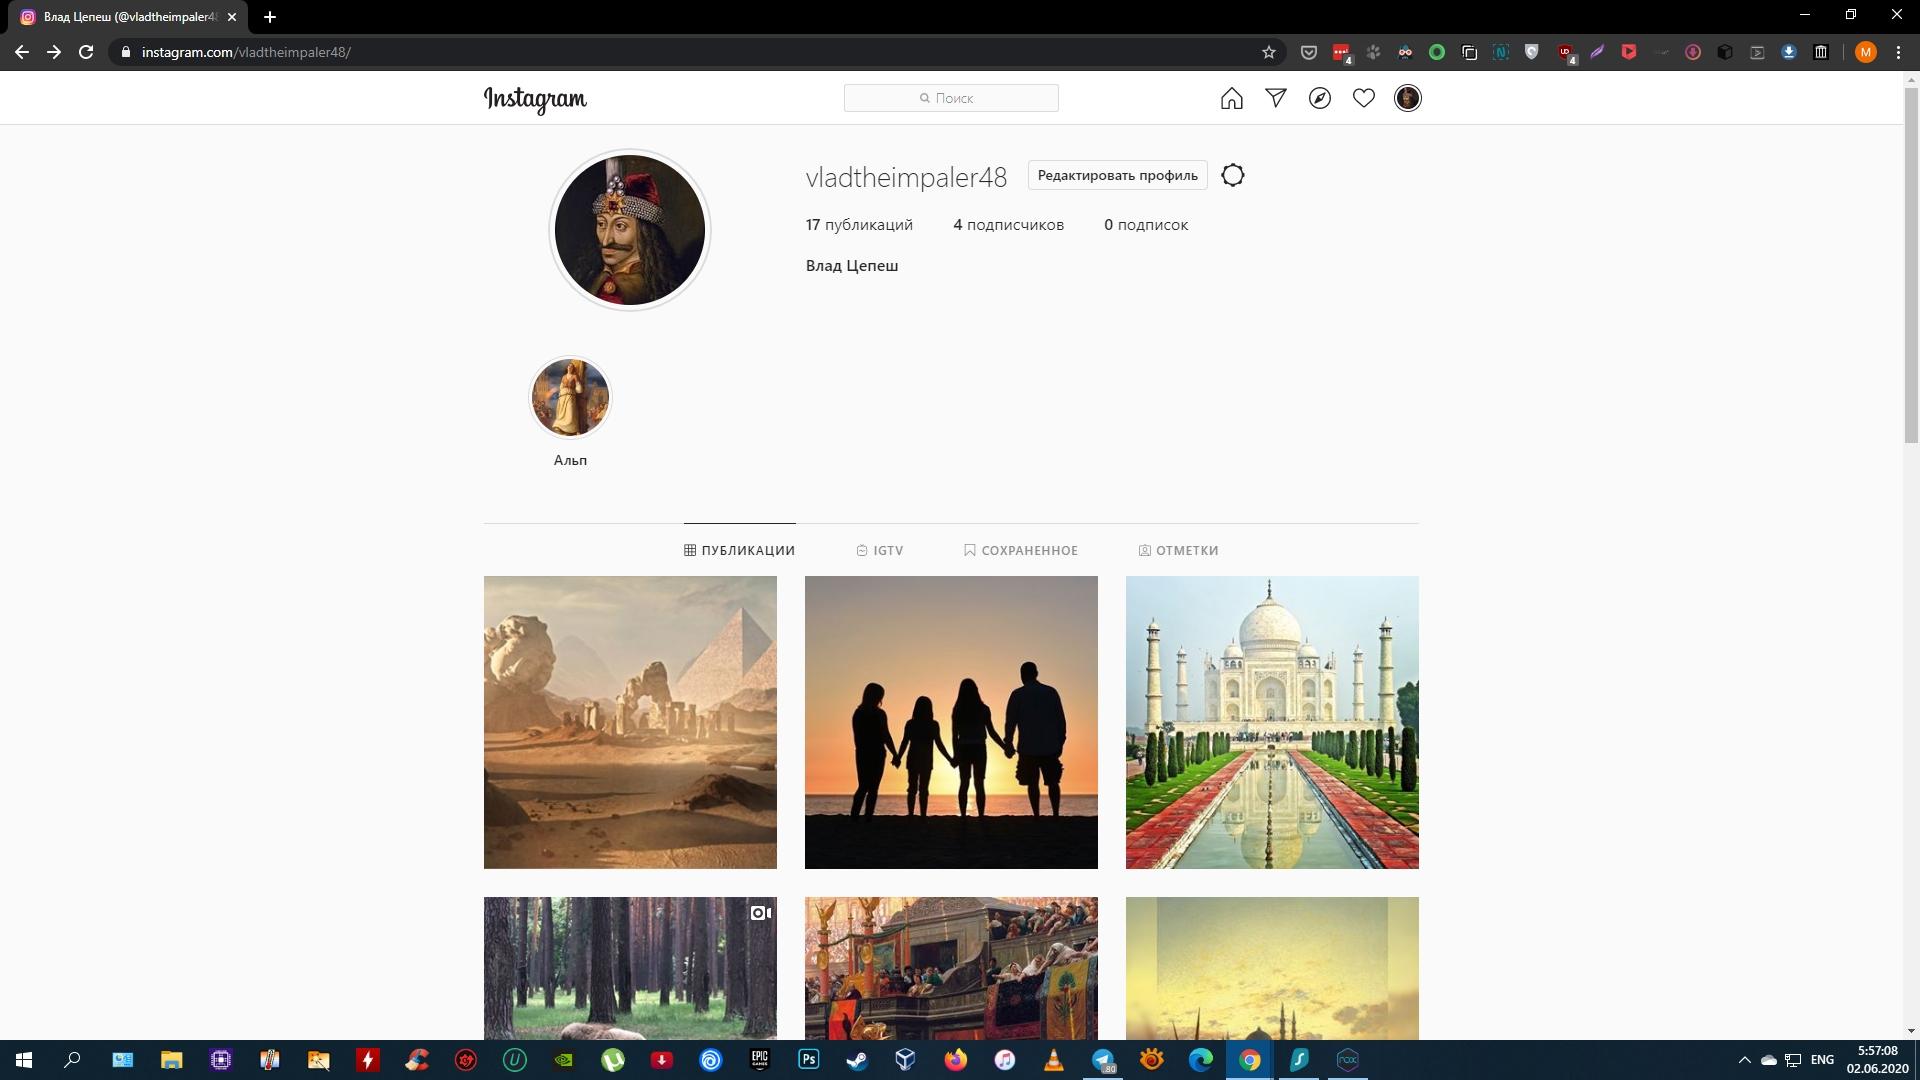 vse sposoby dobavleniya video v instagram cherez kompjuter